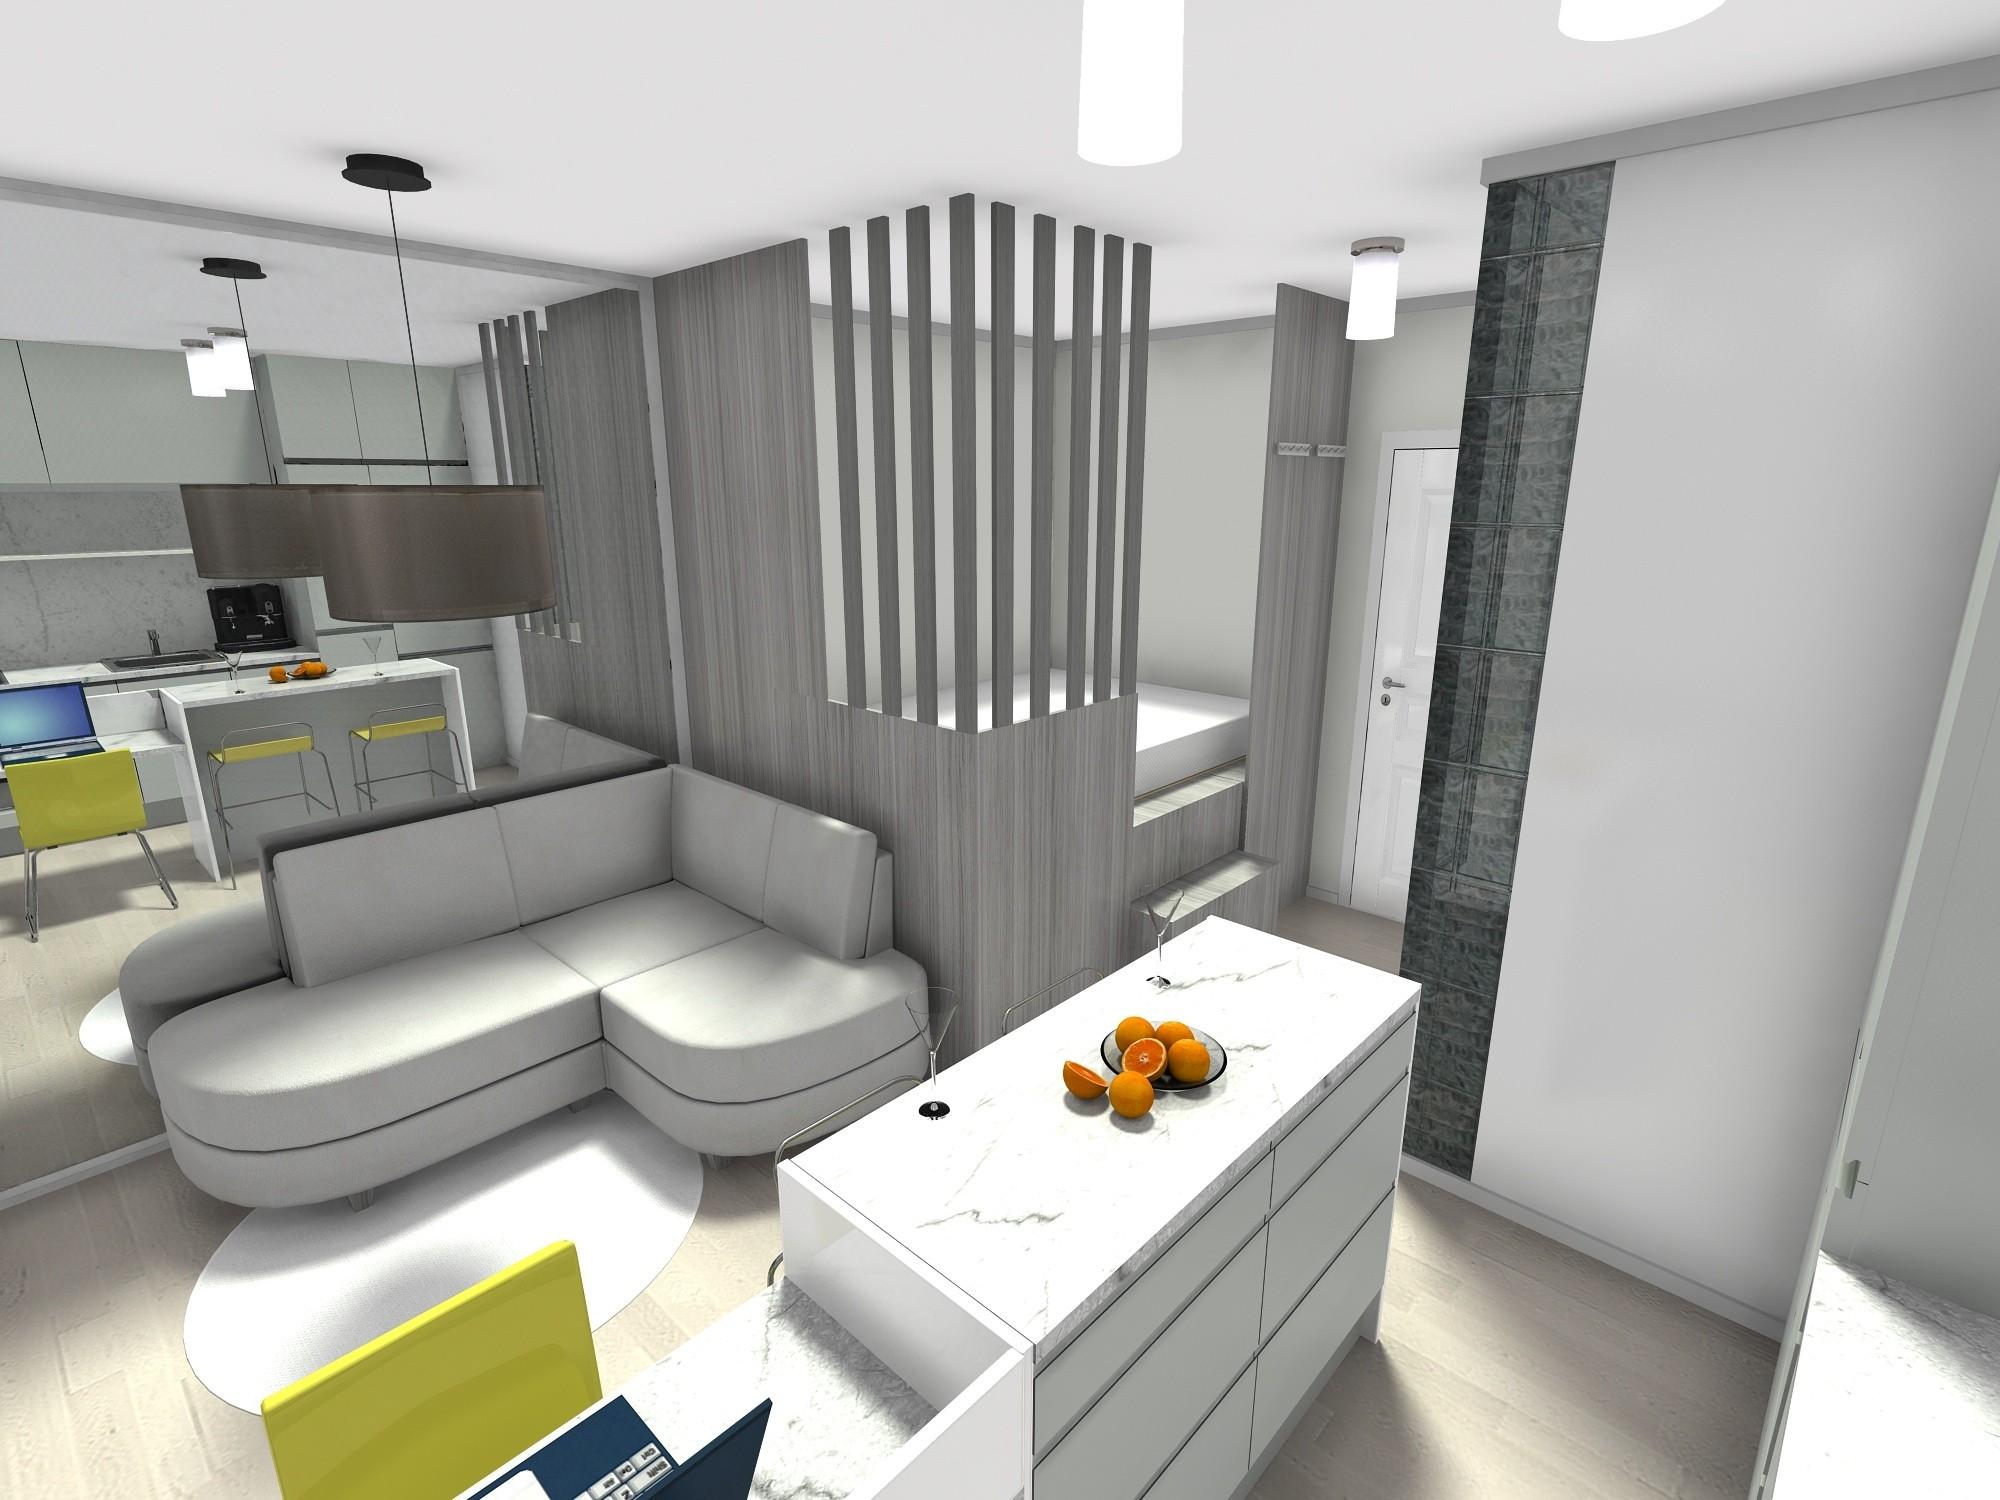 mikrostan 20 m2, kuhinjski otok